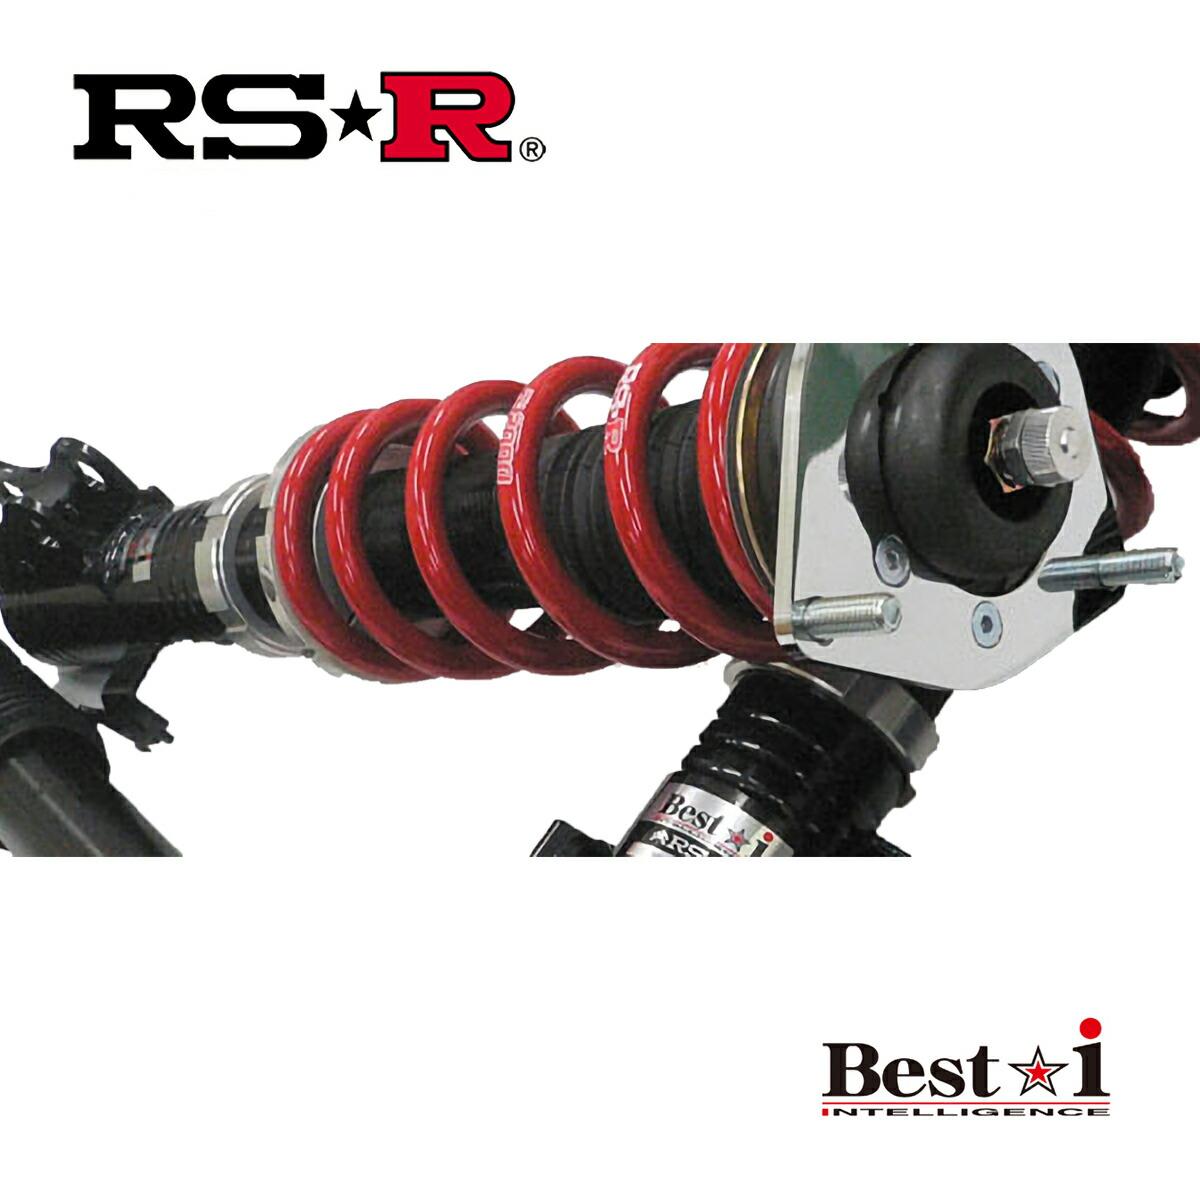 RS★R アイシス ZGM10W 車高調 推奨仕様商品コード:BIT911M ソフト仕様商品コード:BIT911S ハード仕様商品コード:BIT911H RSR 条件付き送料無料